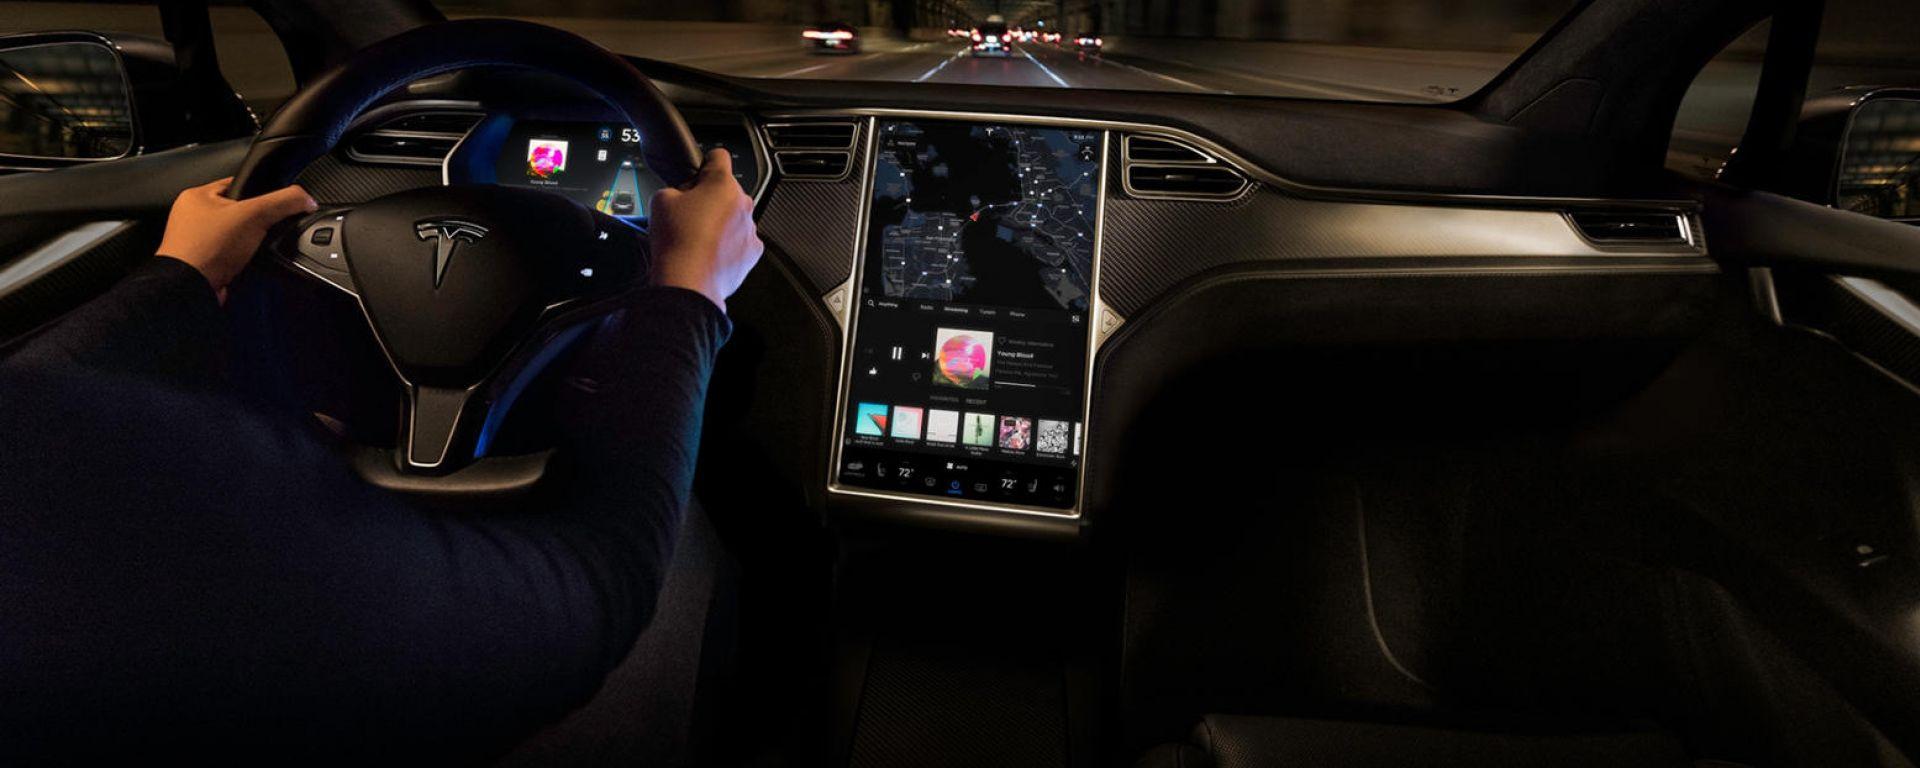 Tesla: da luglio 1000 dollari in più per la guida autonoma